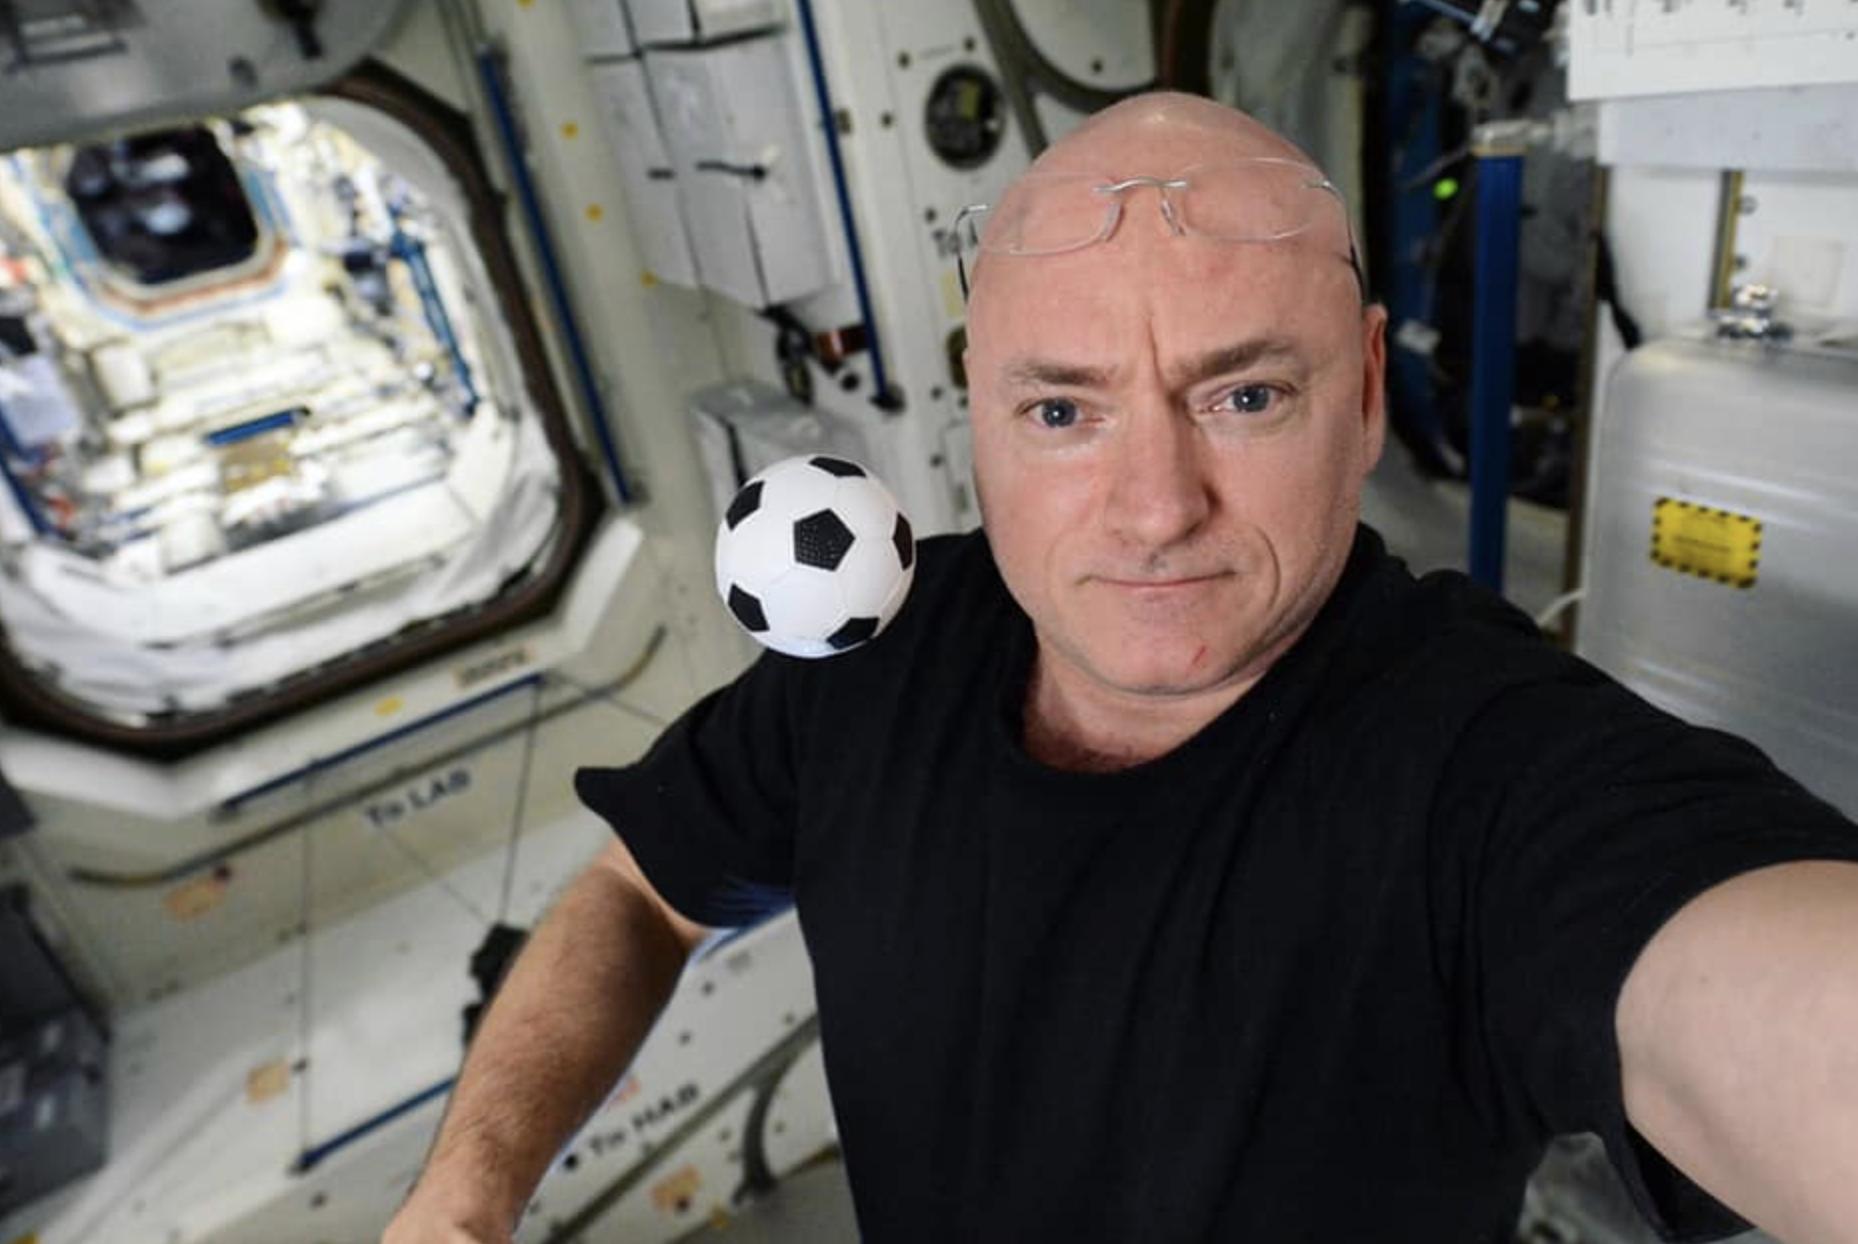 Astronaut kralj izolacije: 'Bitno je da kontaktirate svoju obitelj'